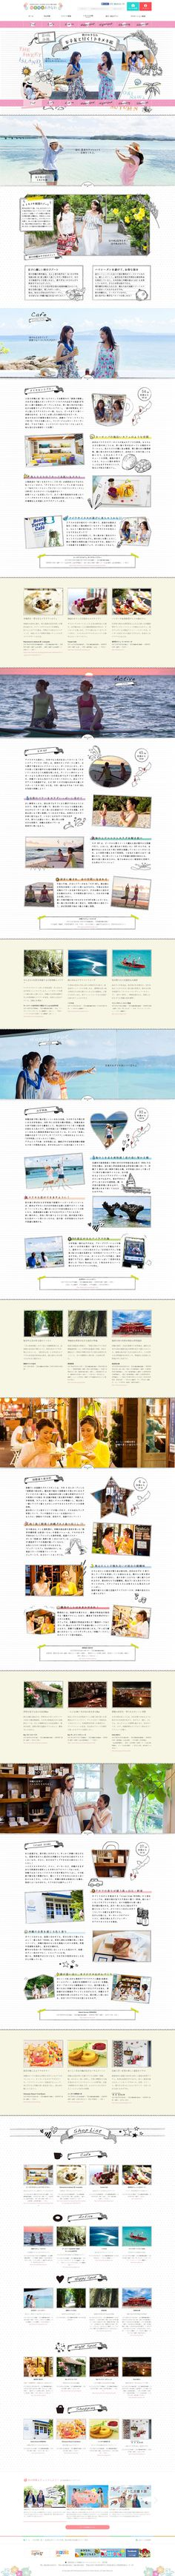 女子友と行く!トキメキ旅。秋の沖縄で女友達とリゾート気分---しゅんおき!旬香周島おきなわ